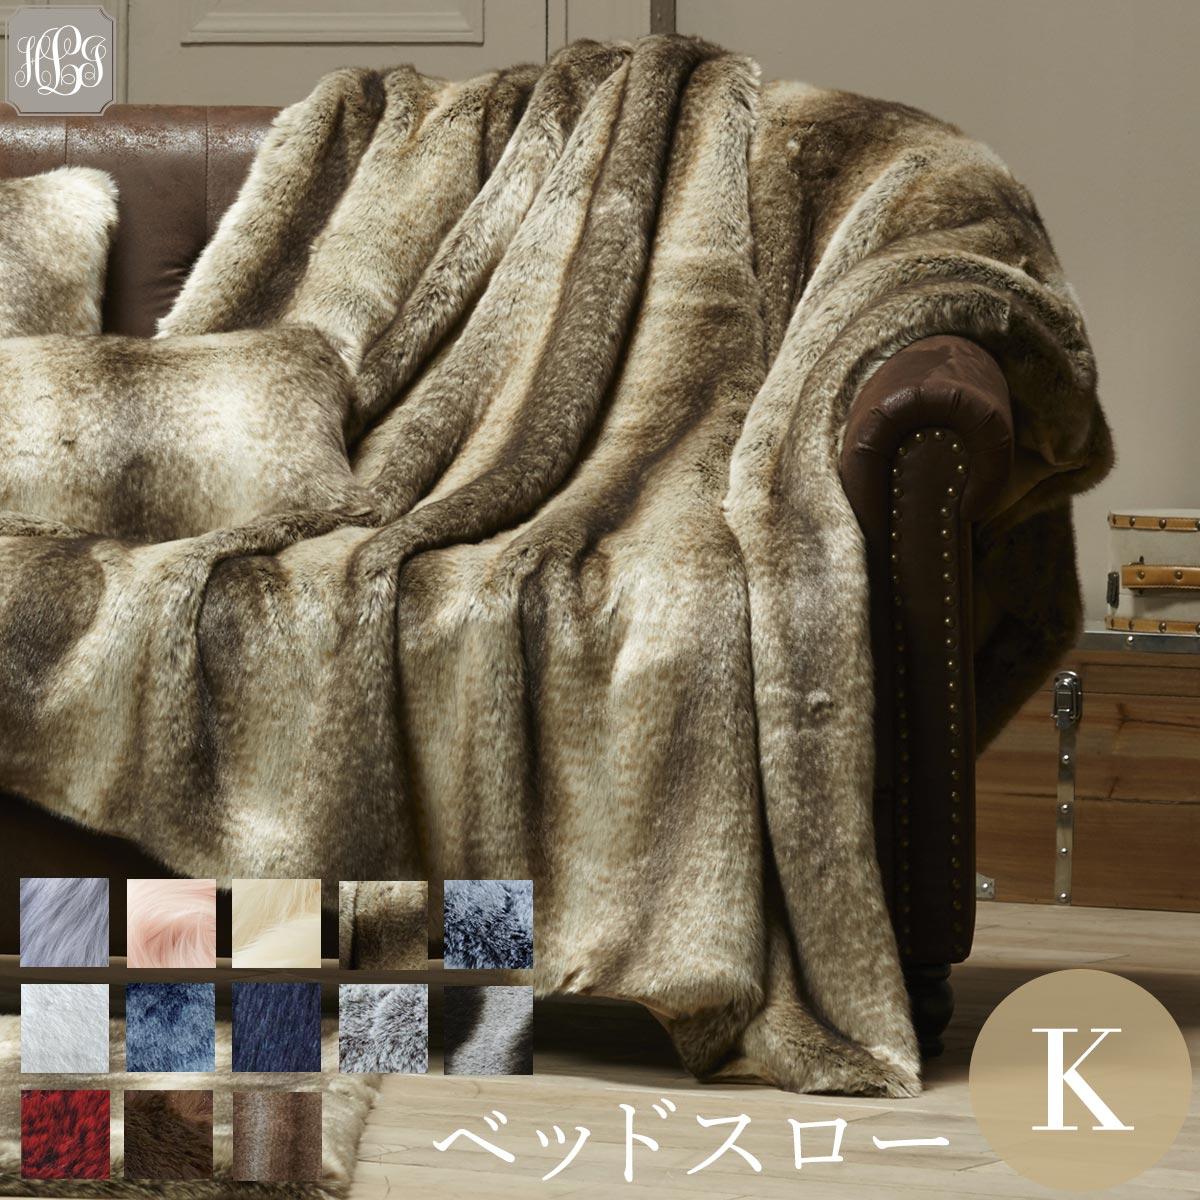 ベッドスロー キング 300×140cm フランス パリ エコファー EVELYNE PRELONGE エヴリーヌ・プレロンジュ 高級ホテル